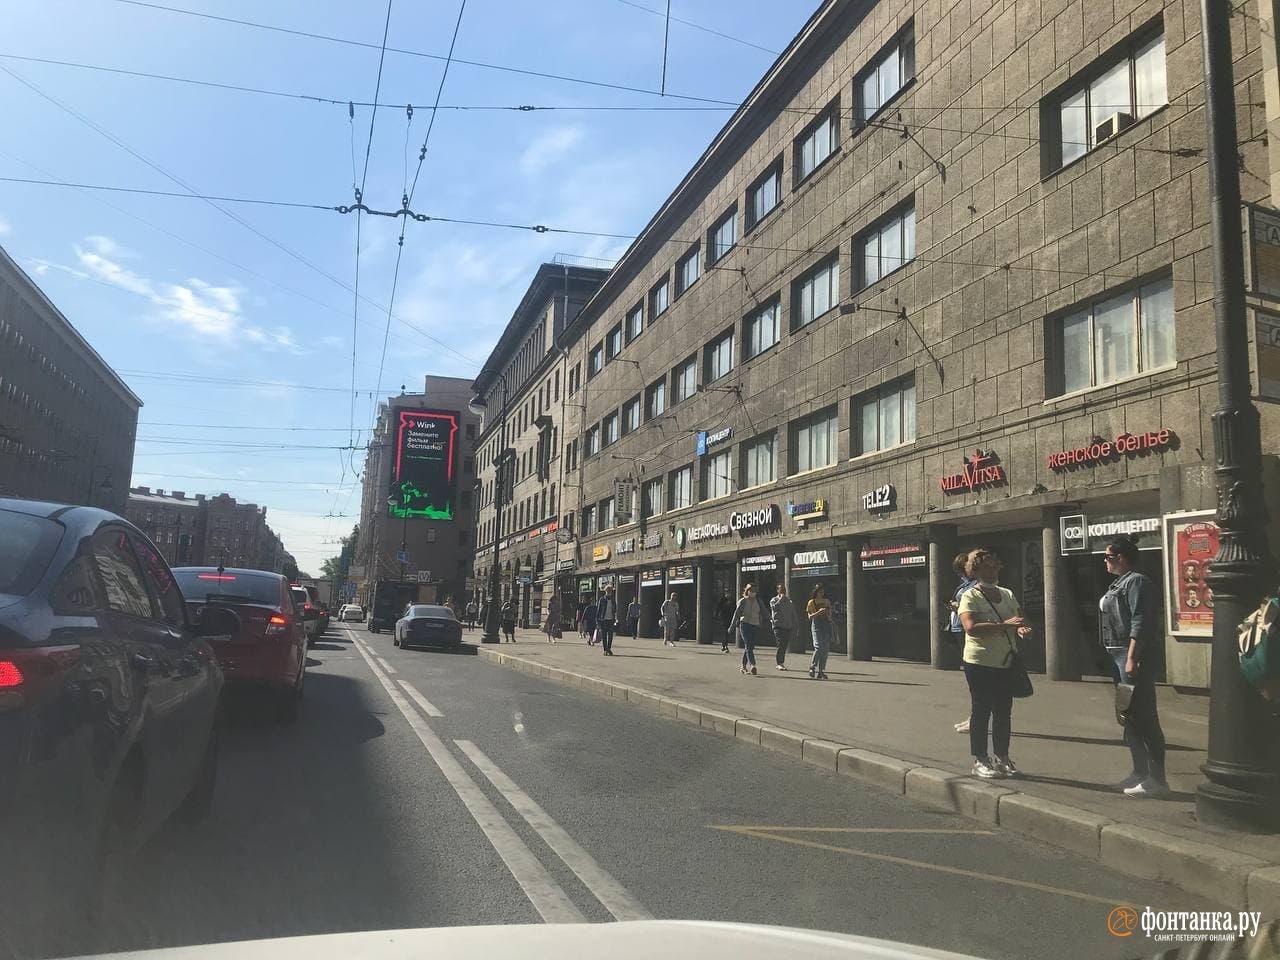 И ещё одно фото с Петроградской стороны